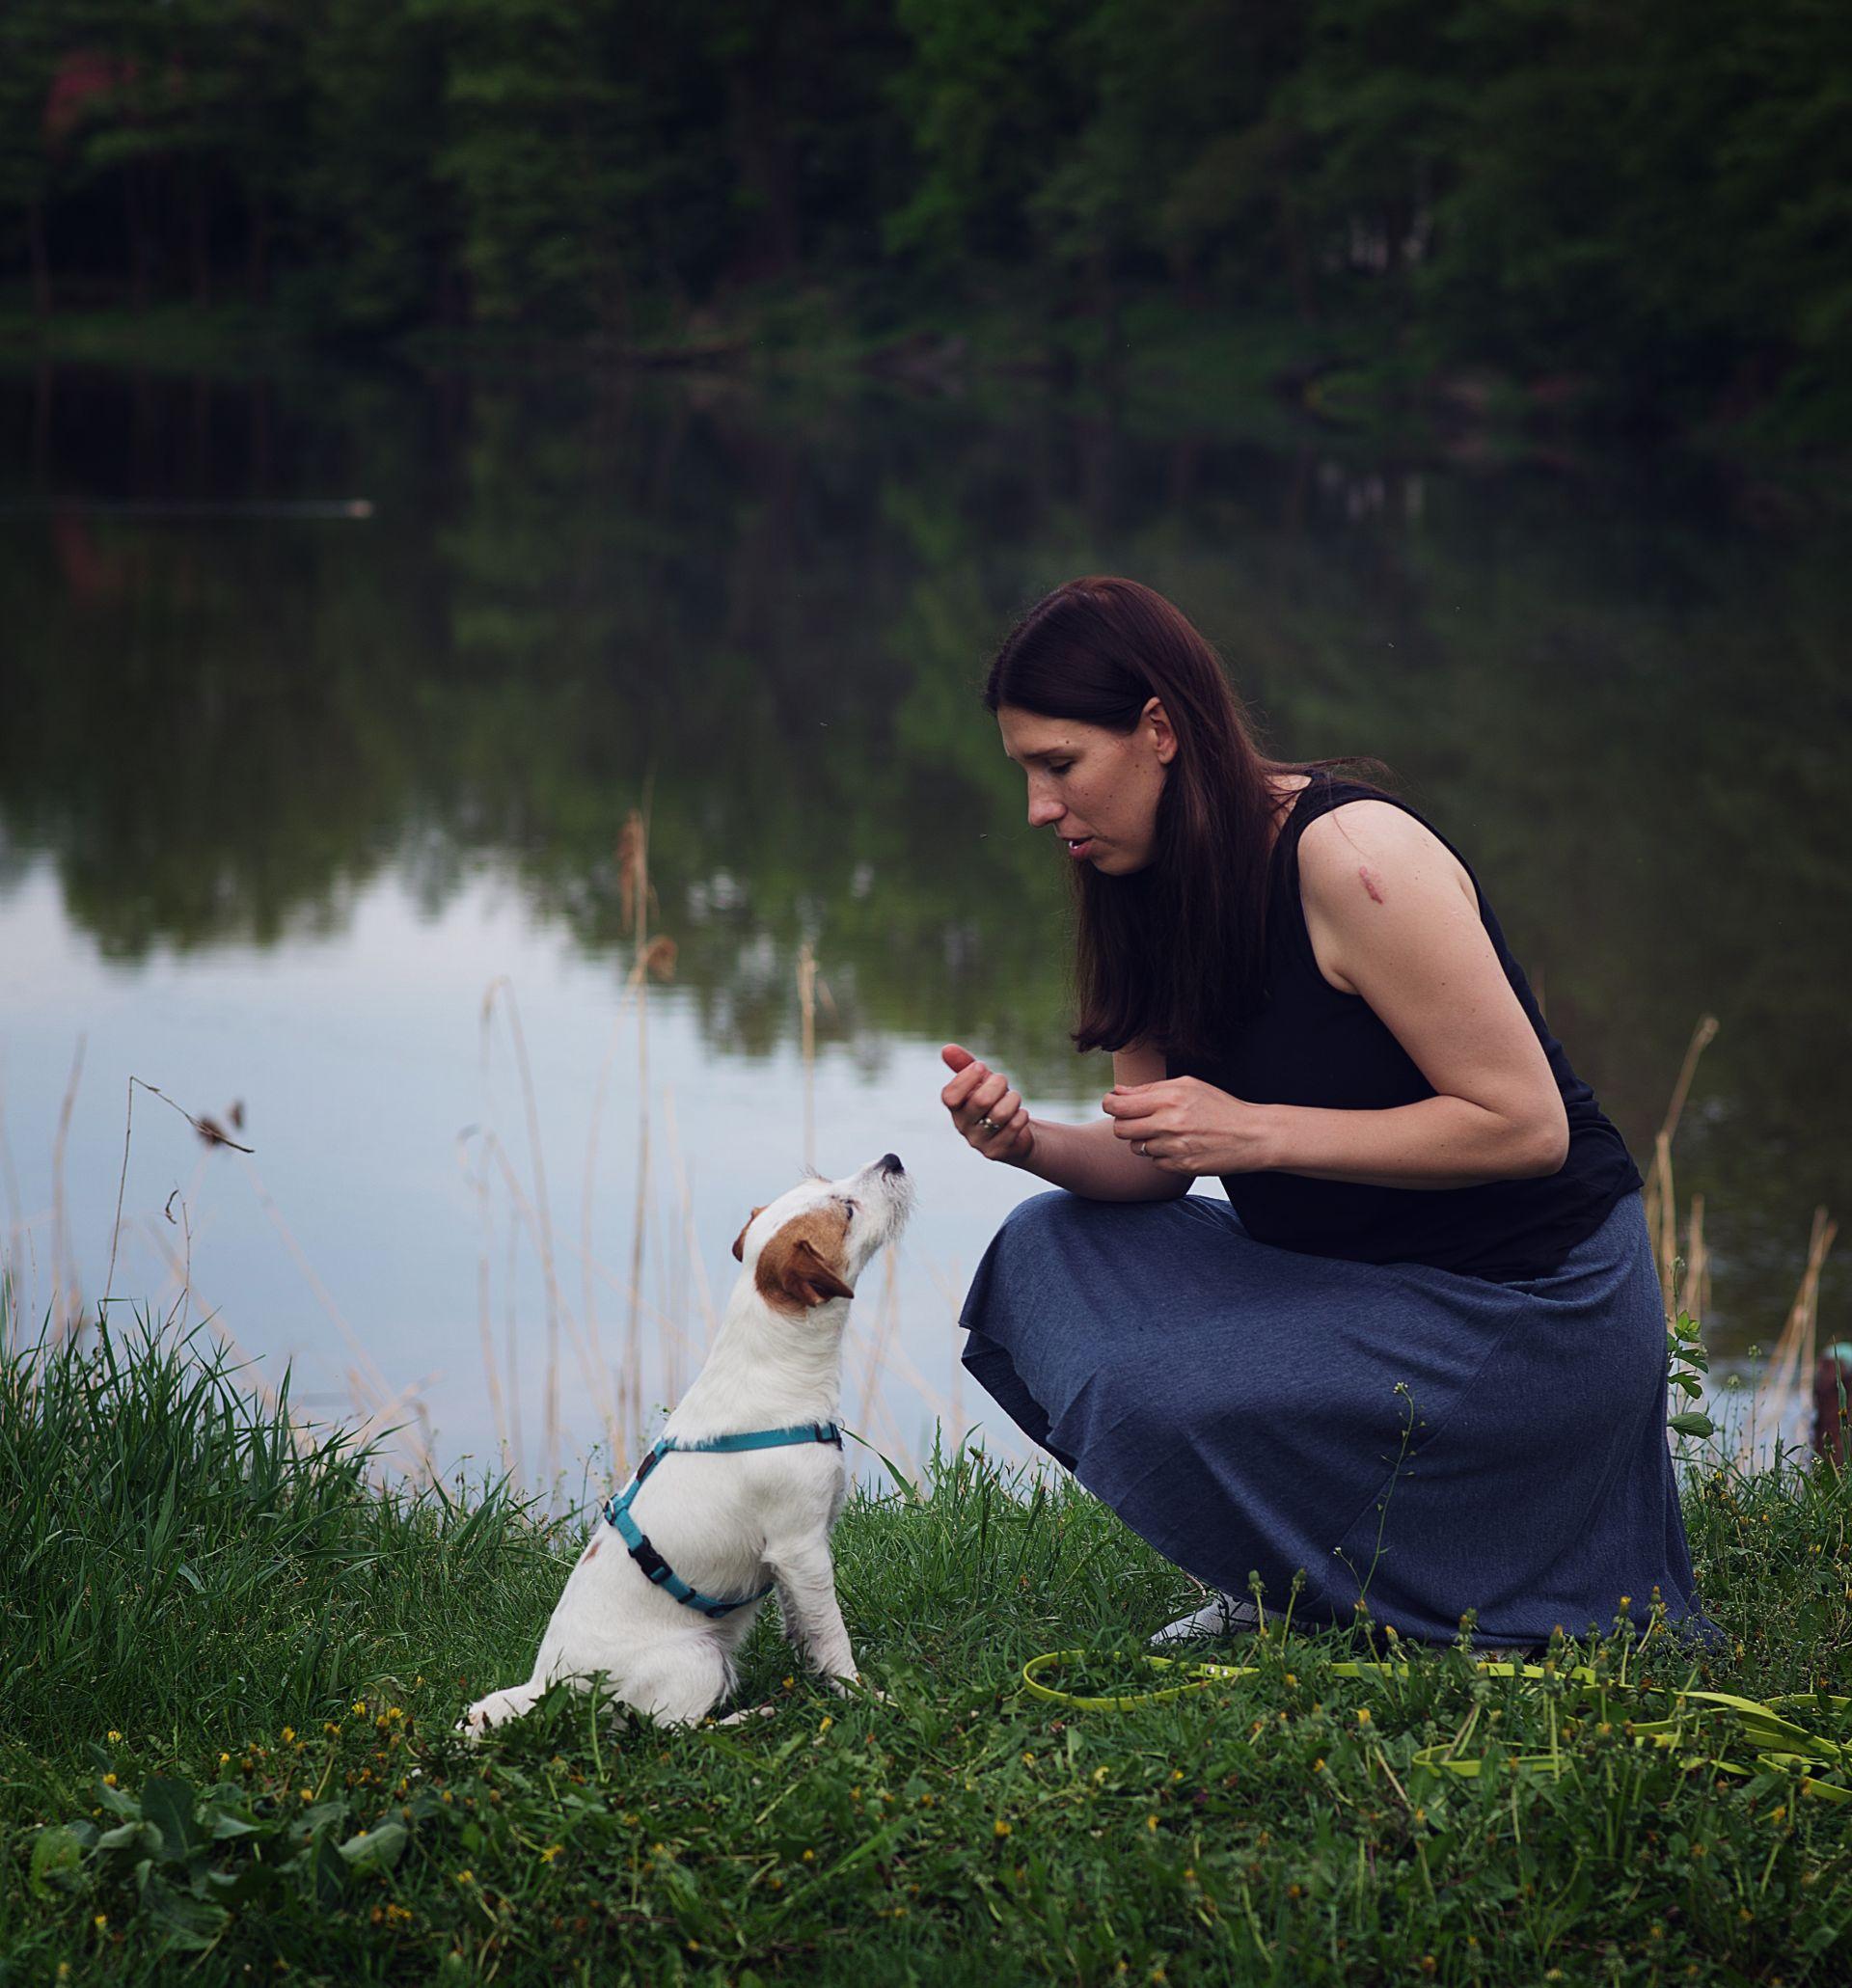 szkolenie psa nad jeziorem